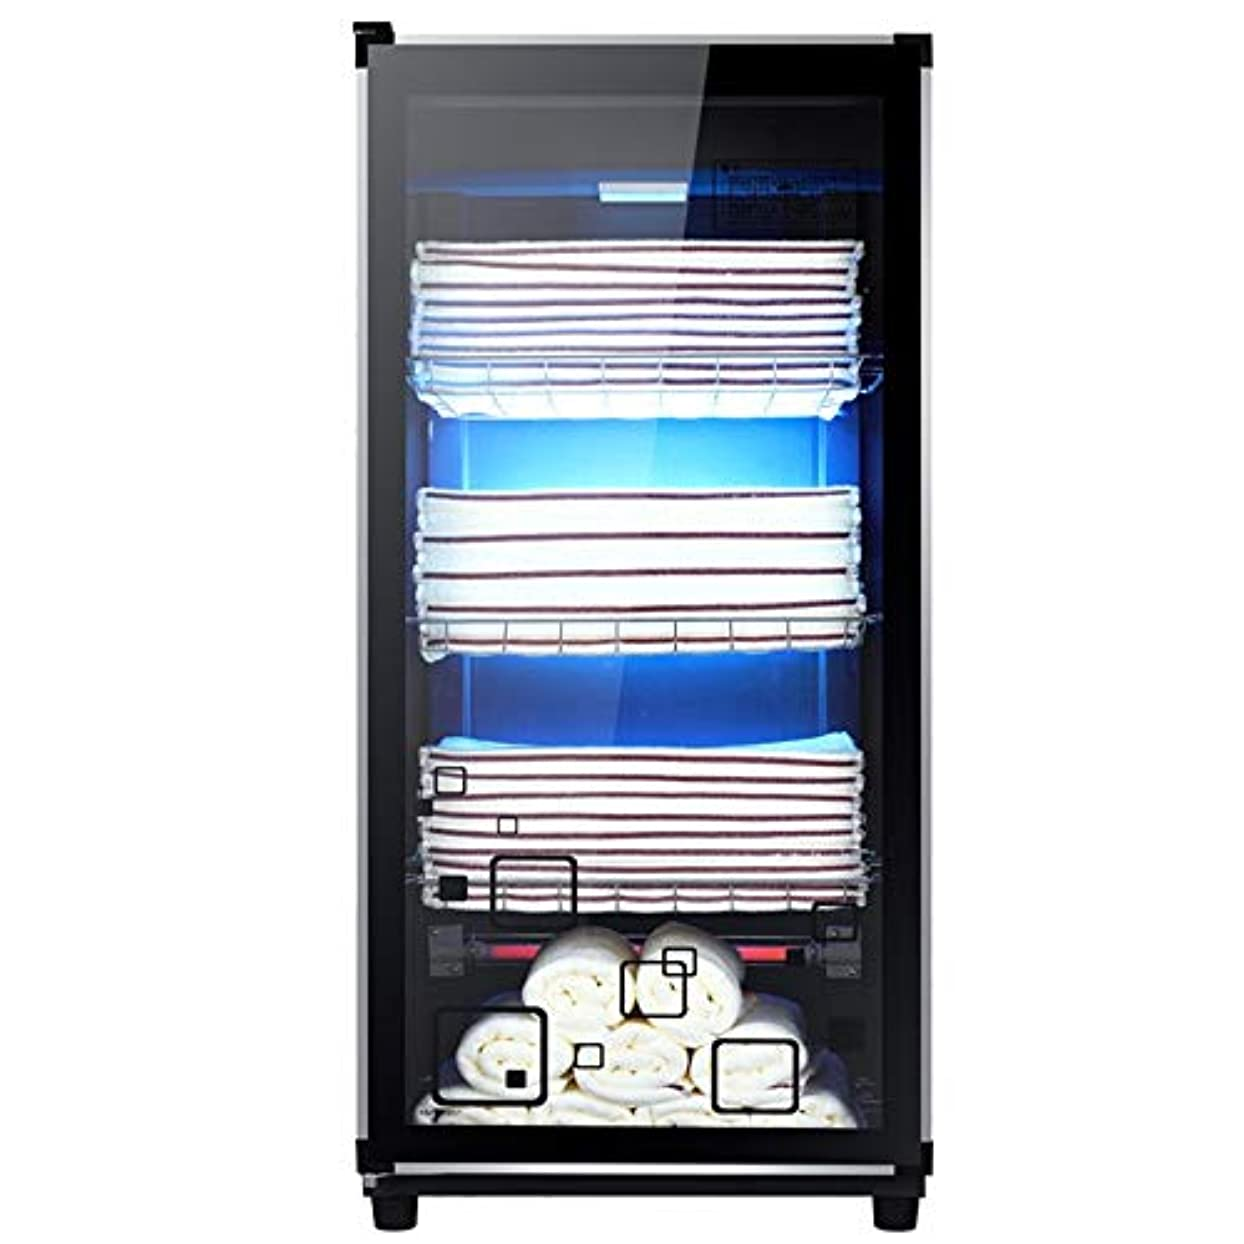 日食オッズレイアウト3 in 1 UVオゾン滅菌器キャビネットホットタオルウォーマーキャビネットウェットタオルヒーター、レストランサロン用スパマッサージヘアビューティー(4層)